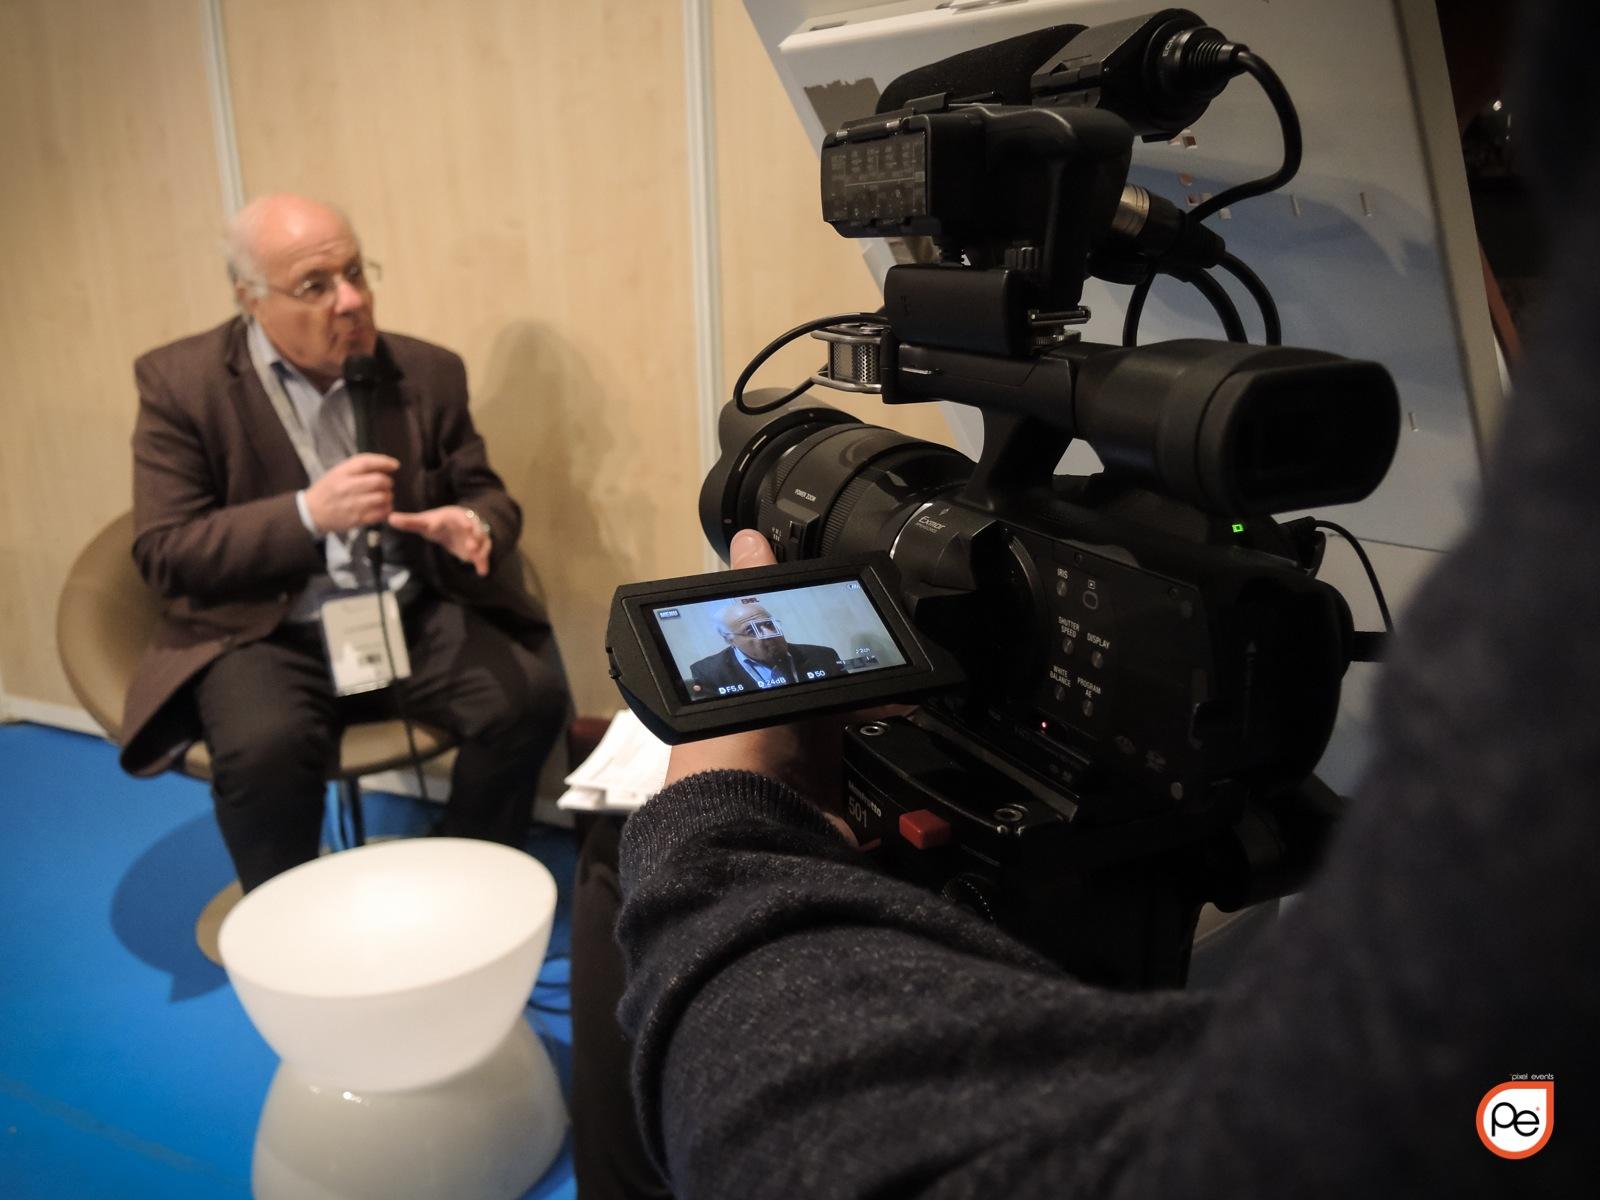 Réalisation Vidéo d'interviews à Montpellier – Elsevier Masson